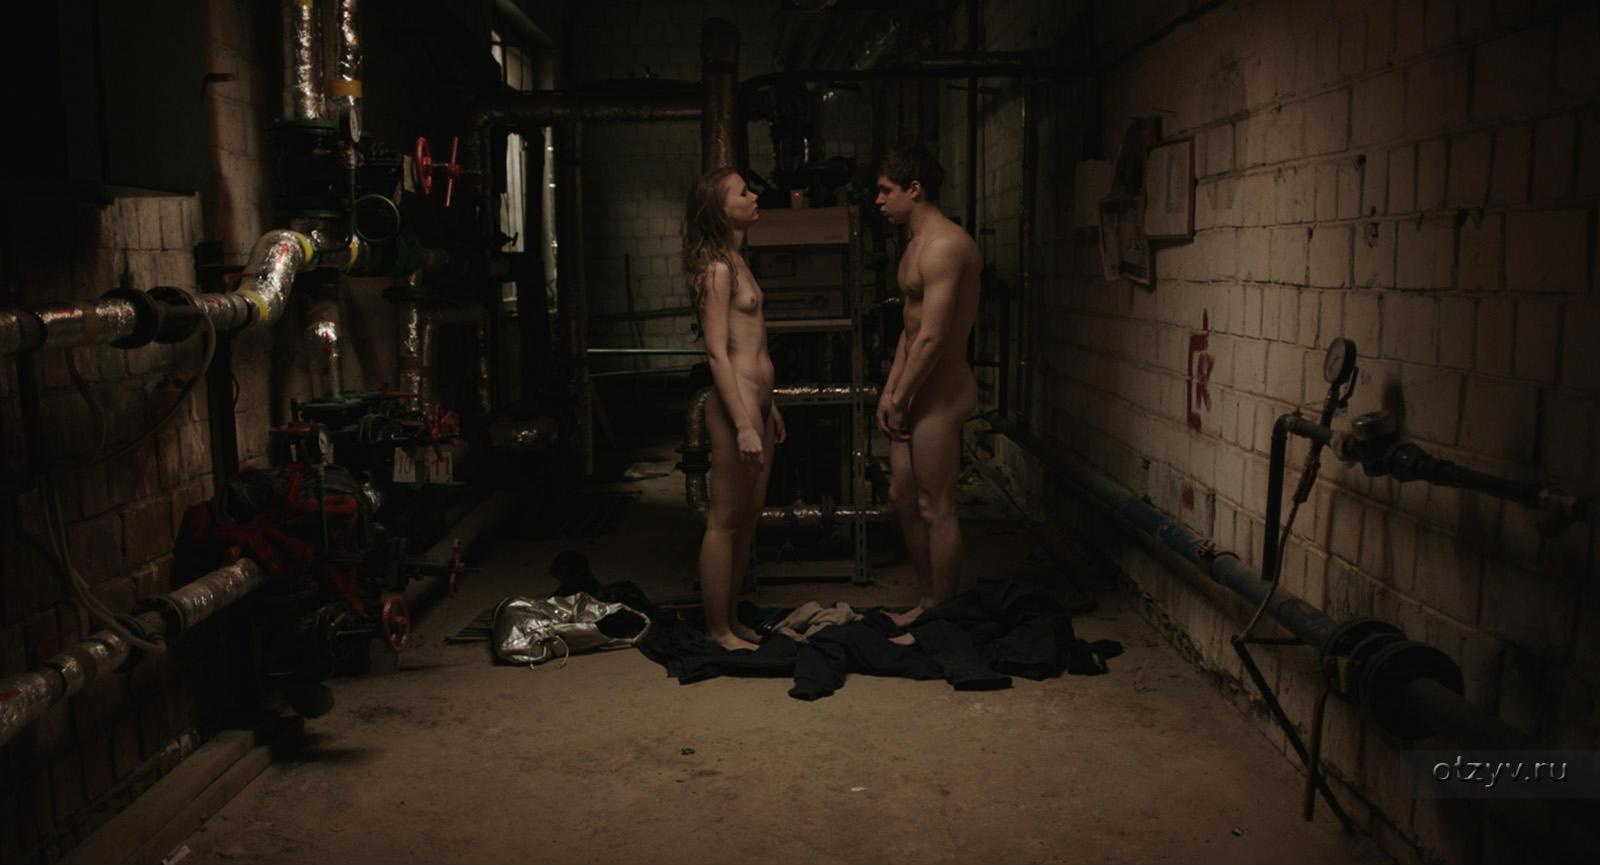 Секс в племени смотреть онлайн бесплатно 23 фотография